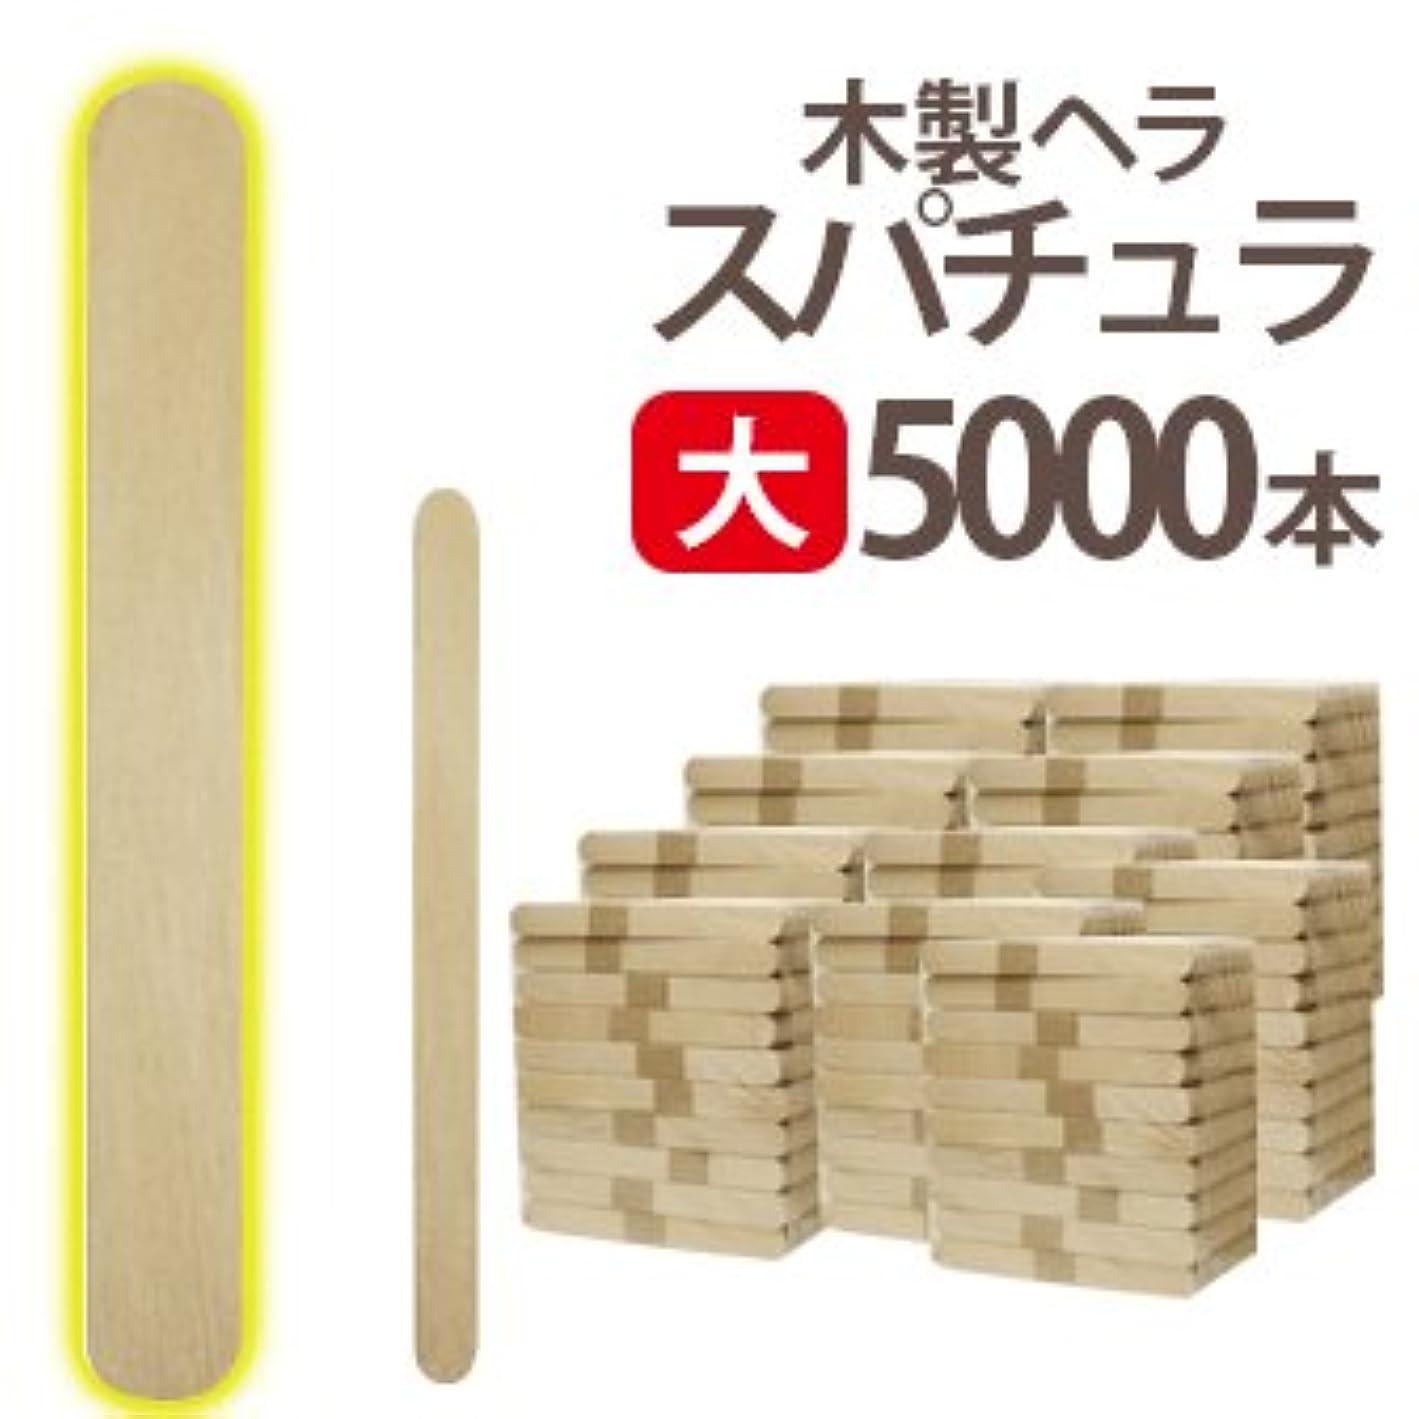 該当するセッティング最も遠い大 ブラジリアンワックス 業務用5000本 スパチュラ Aタイプ(個別梱包なし 150×16)